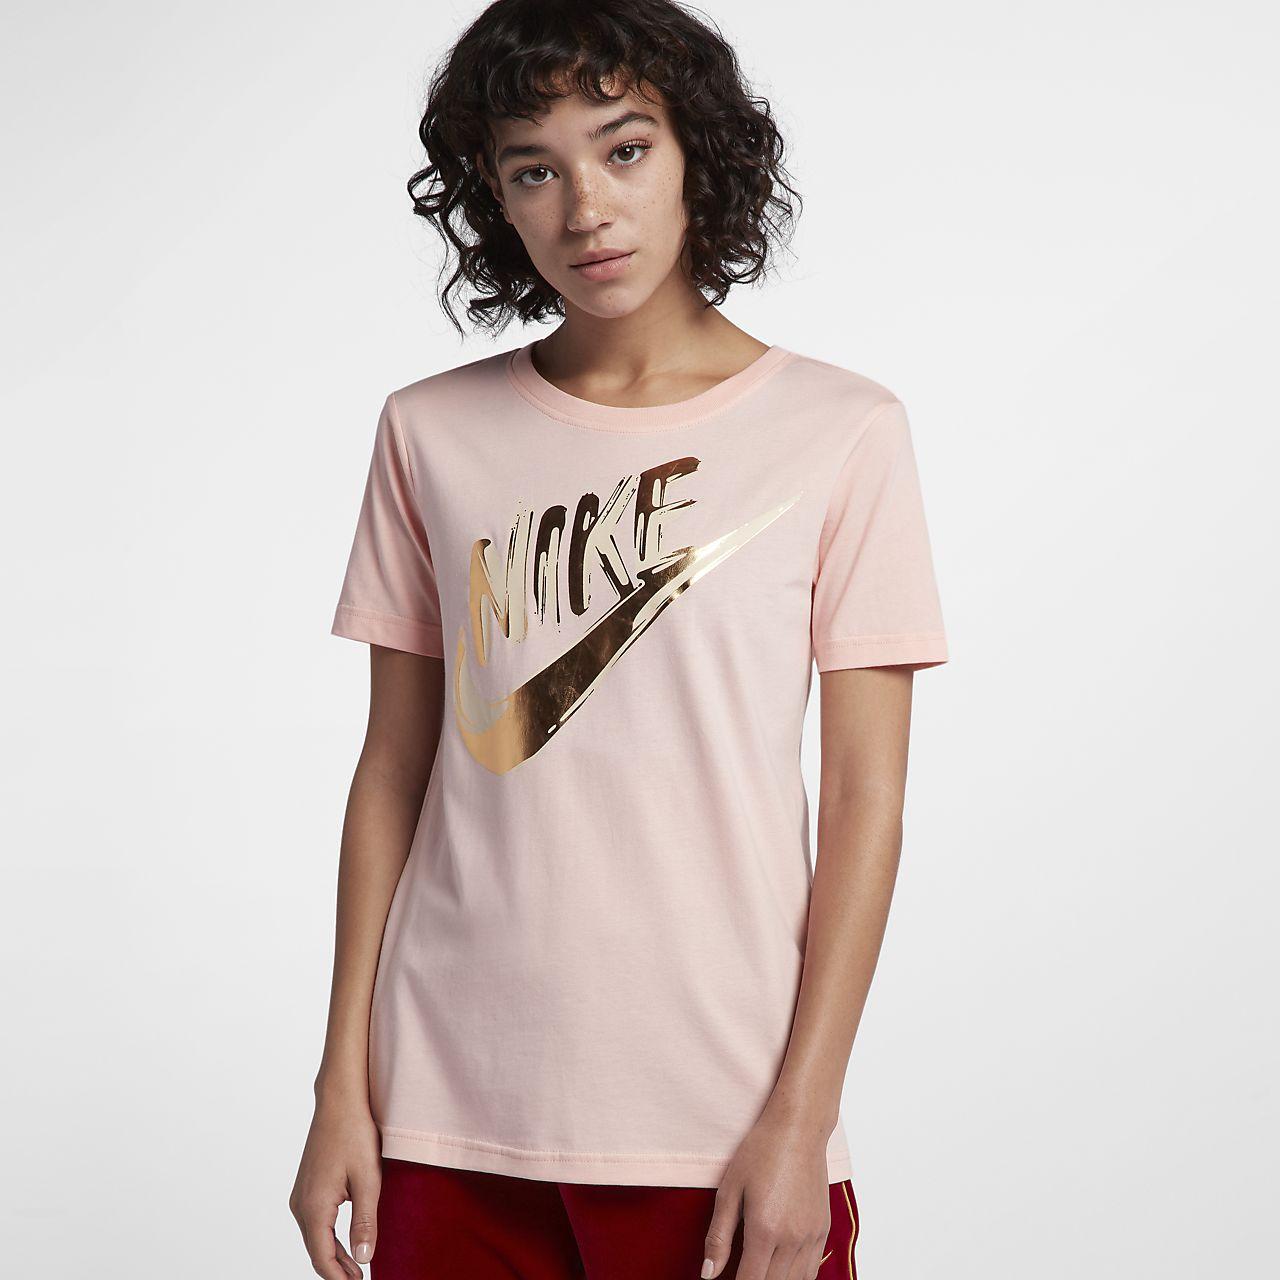 เสื้อแขนสั้นผู้หญิงลายเมทัลลิก Nike Sportswear